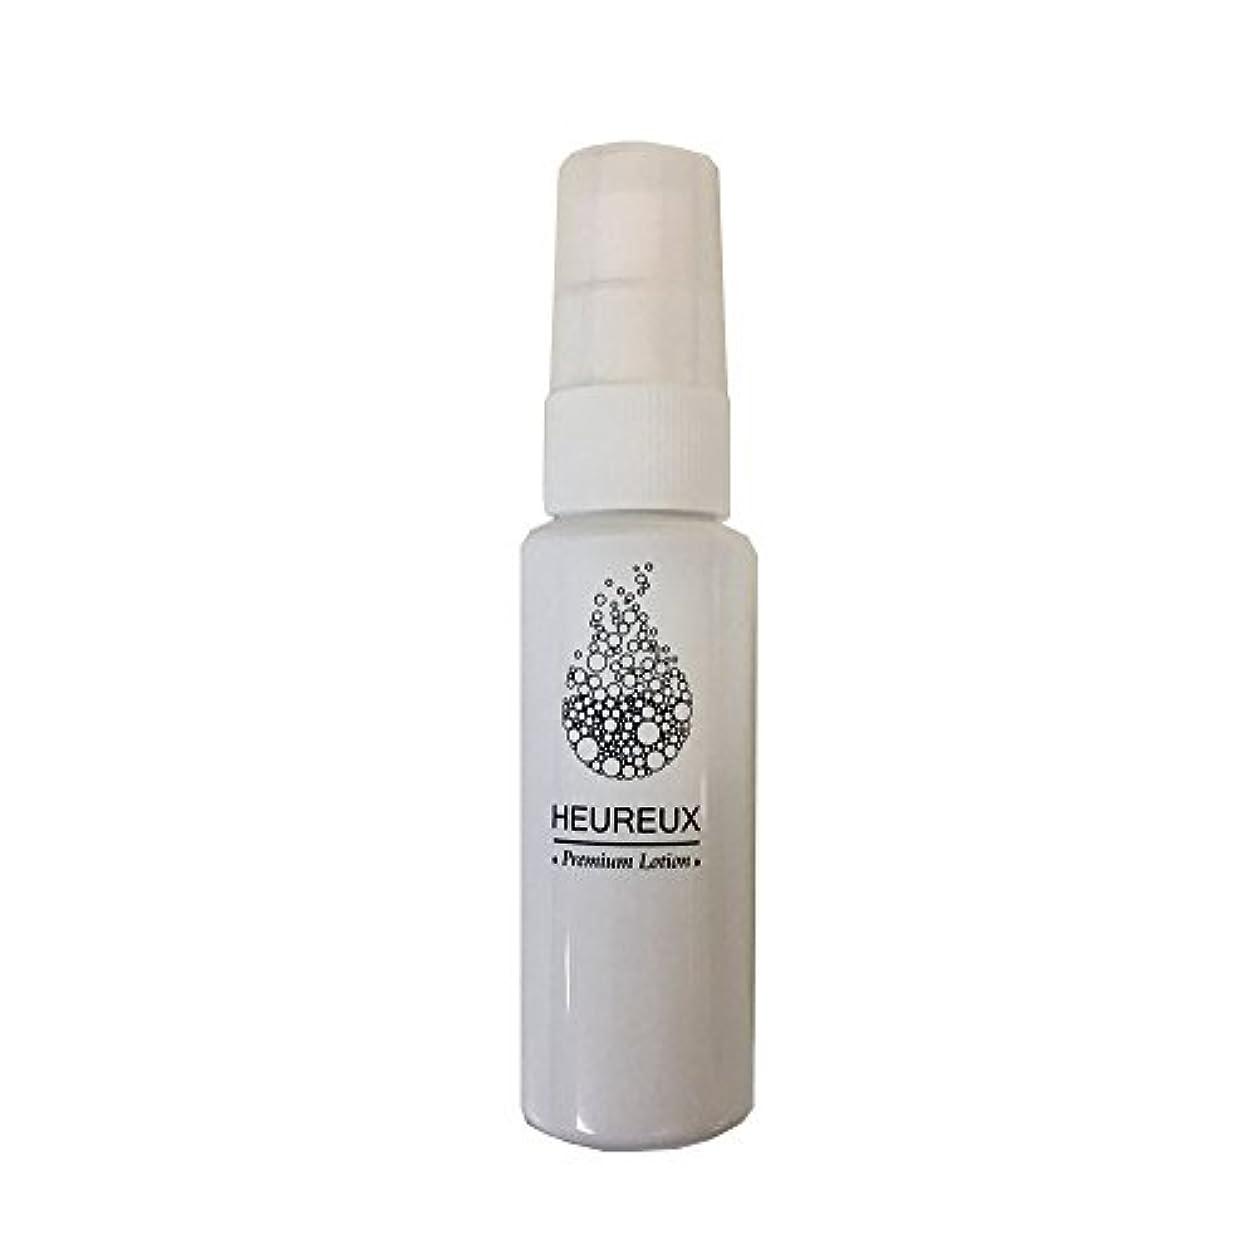 修道院不規則性大胆なHEUREUX ワキガ&加齢臭の決定版-スプレータイプ 医薬部外品